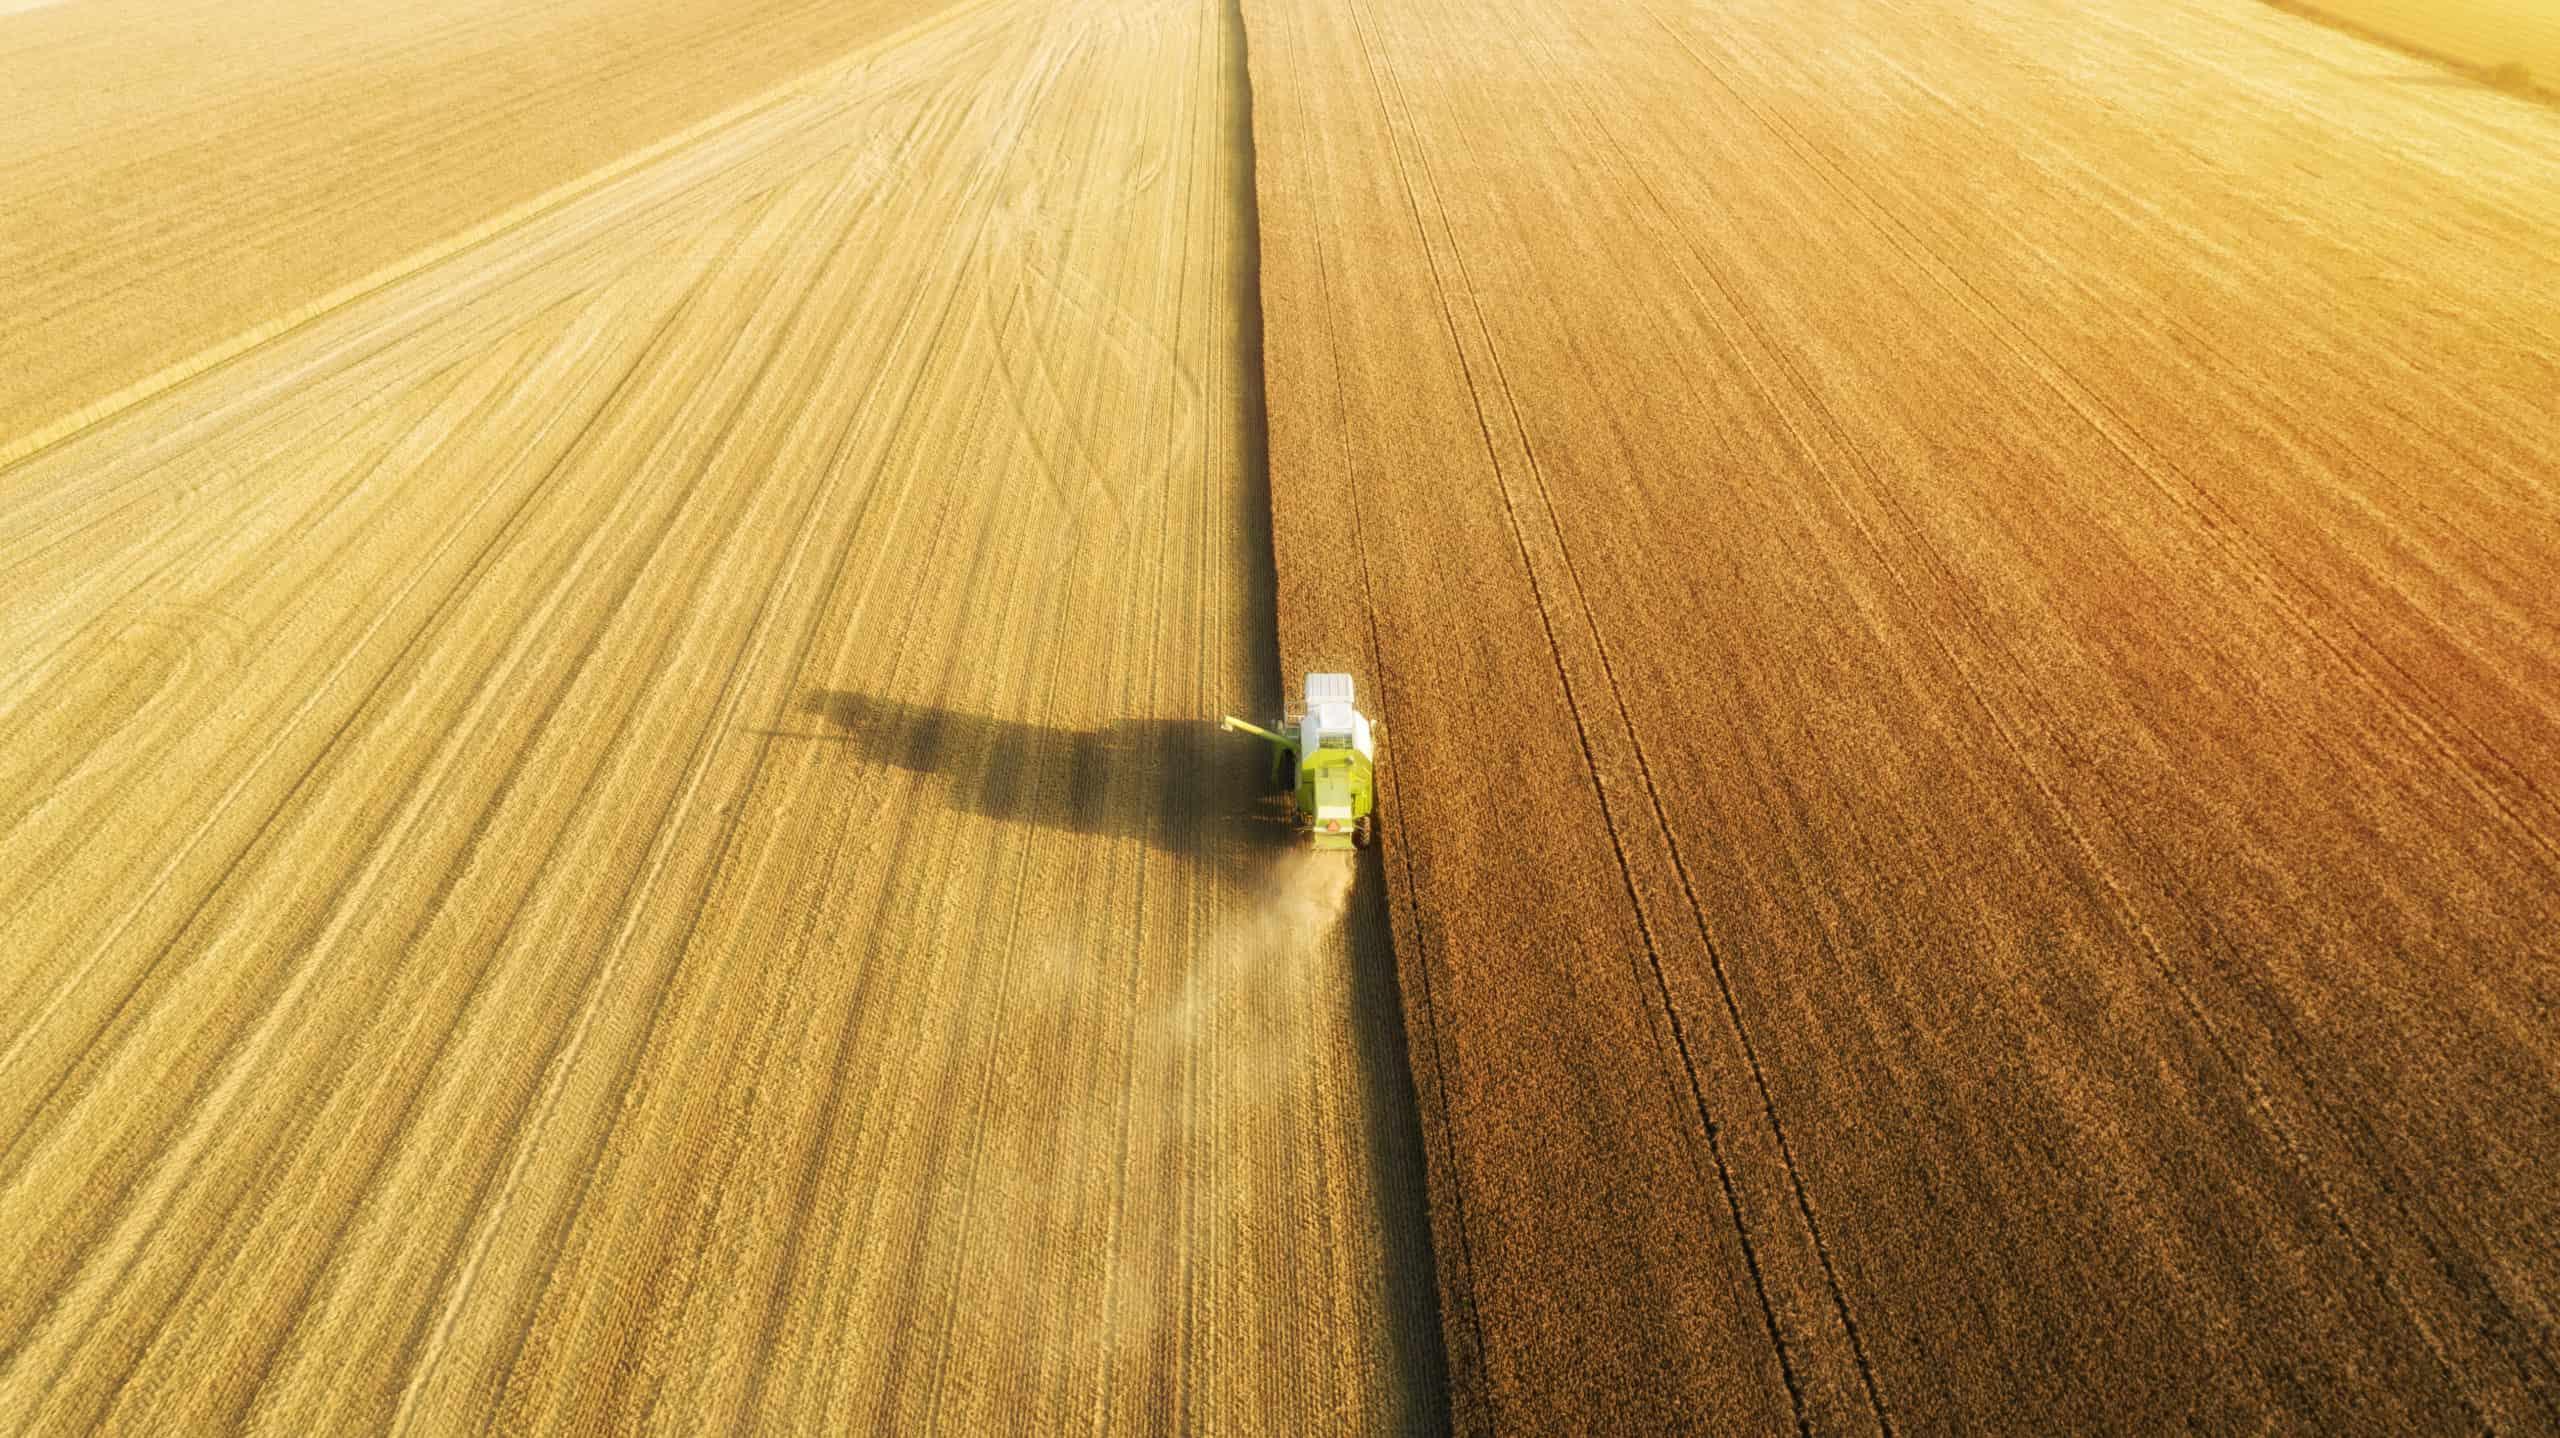 Al Rajhi International - large scale crop farming